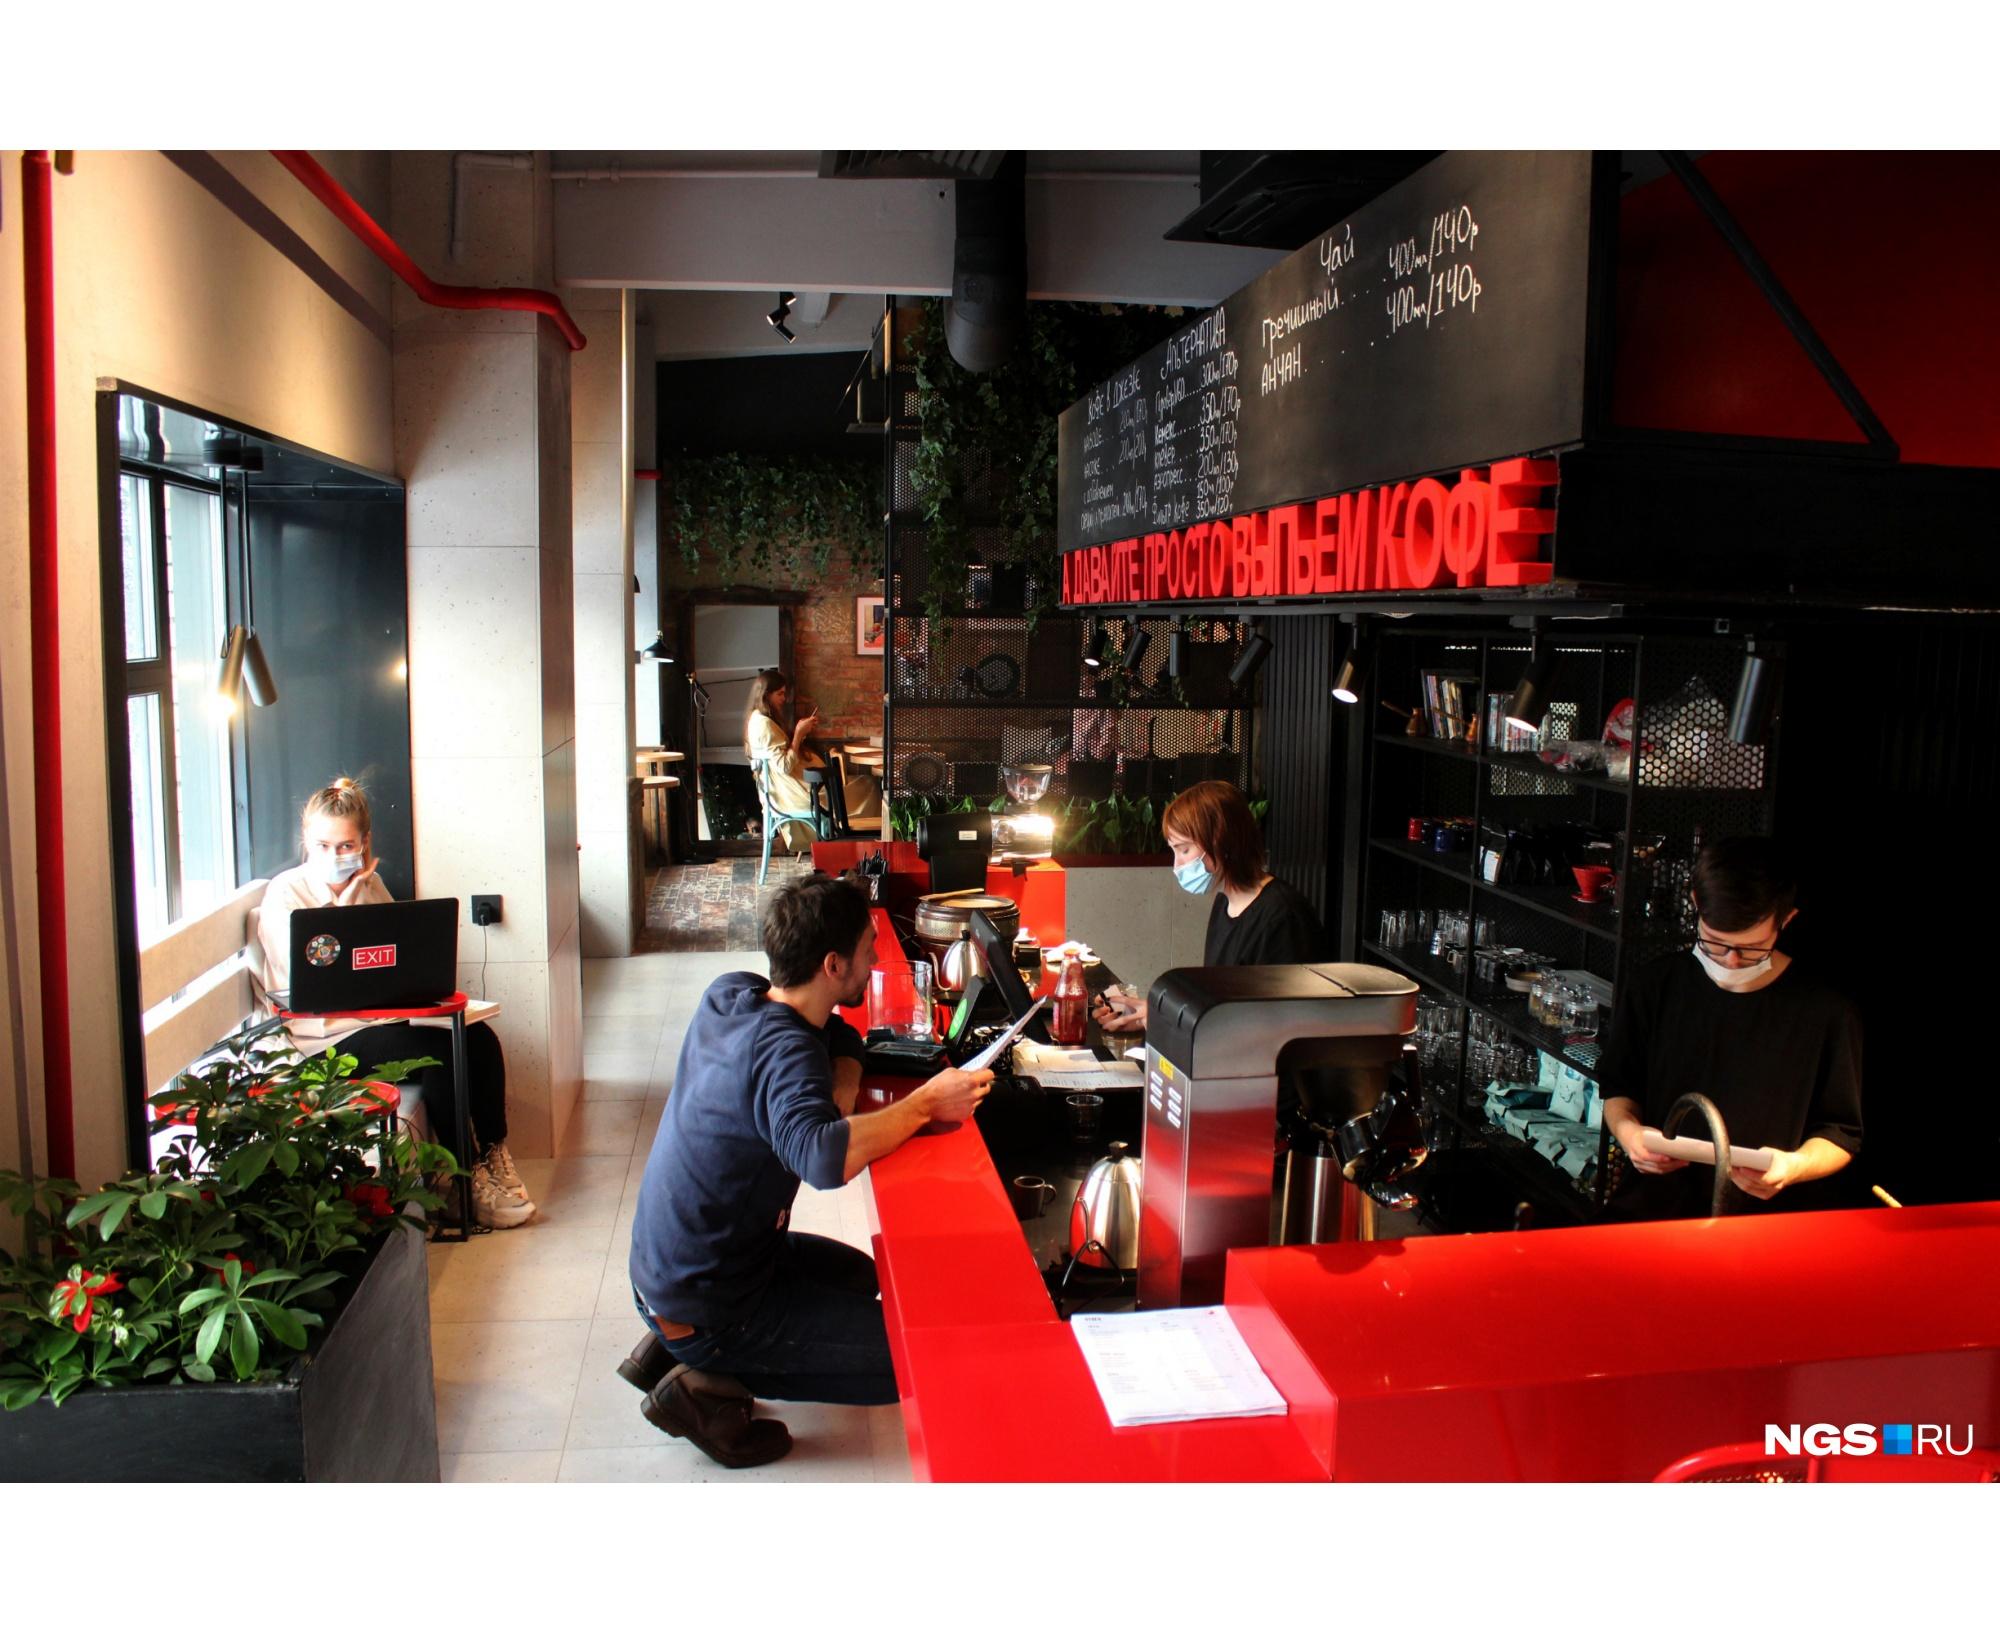 Зона кофейни расположена в самом дальнем углу зала